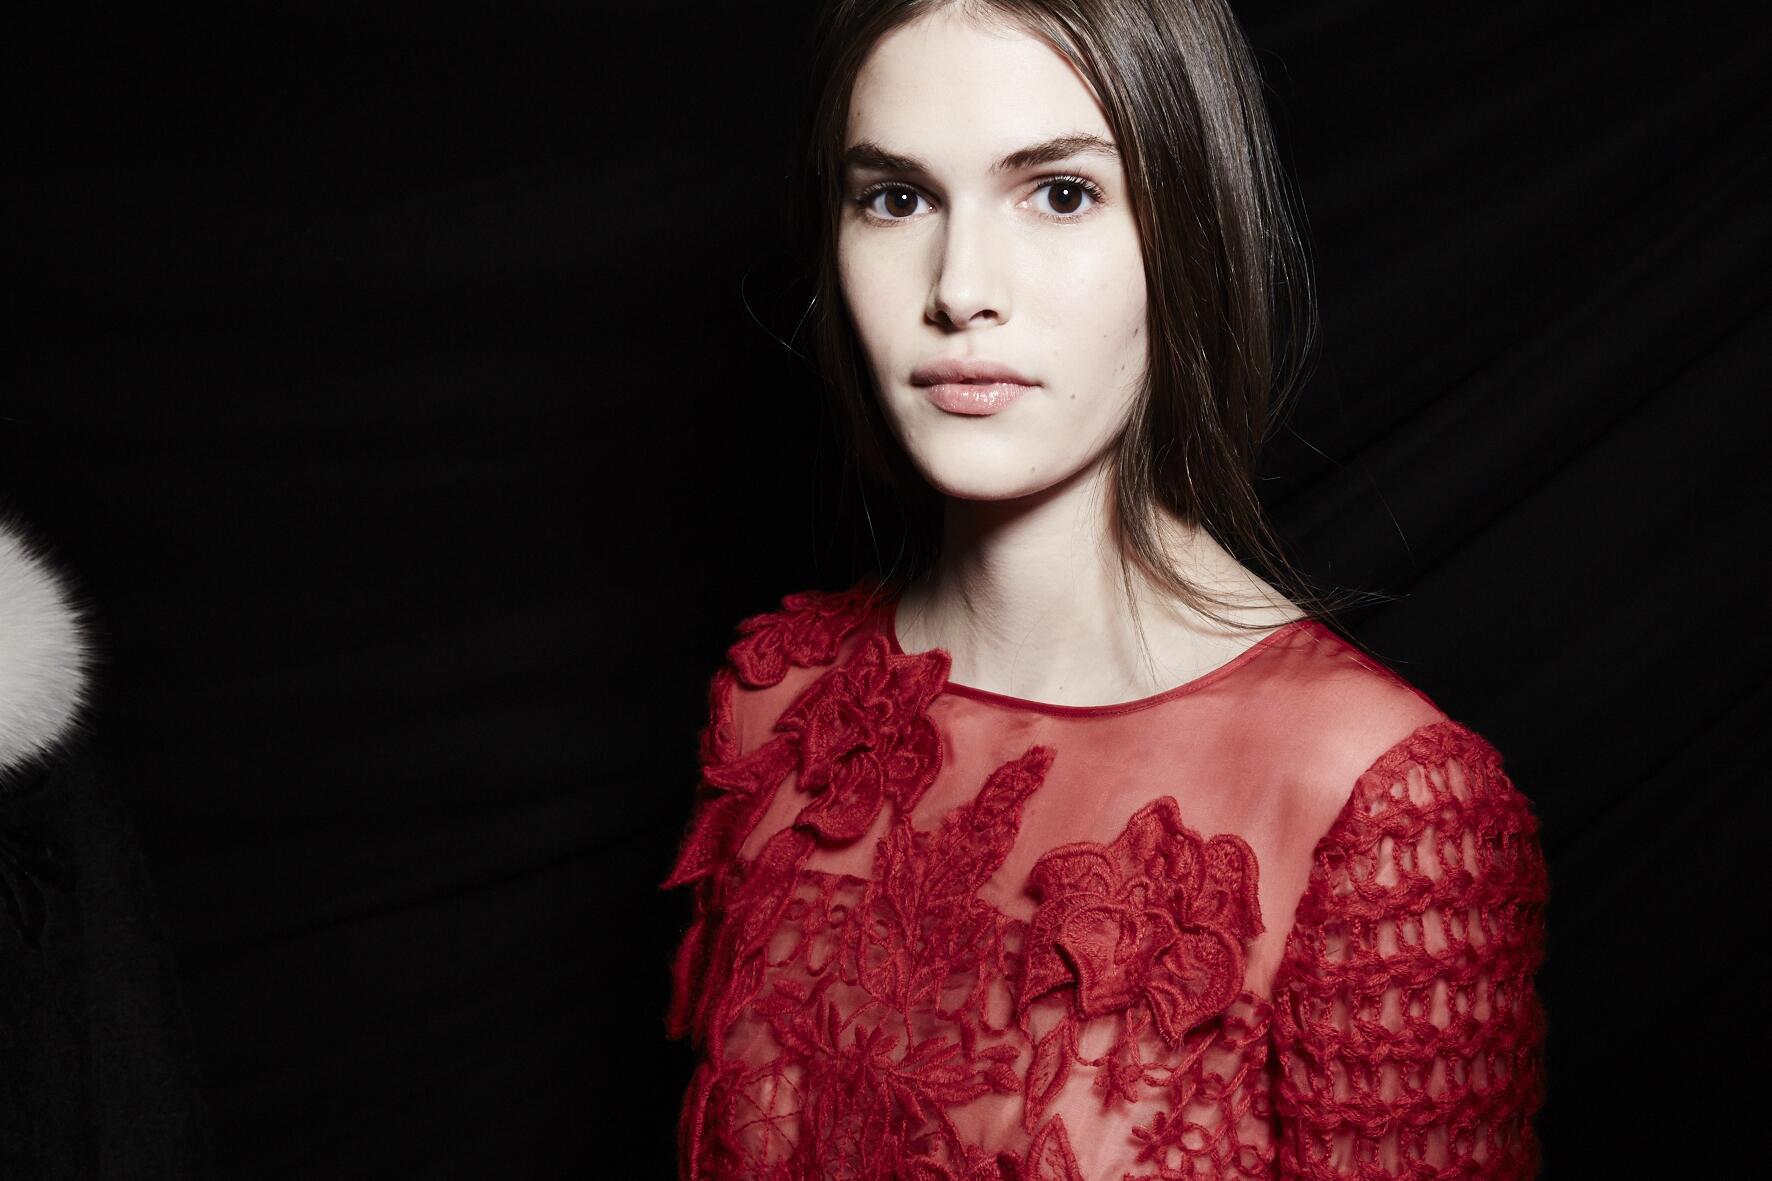 Fashion Model Alberta Ferretti Backstage